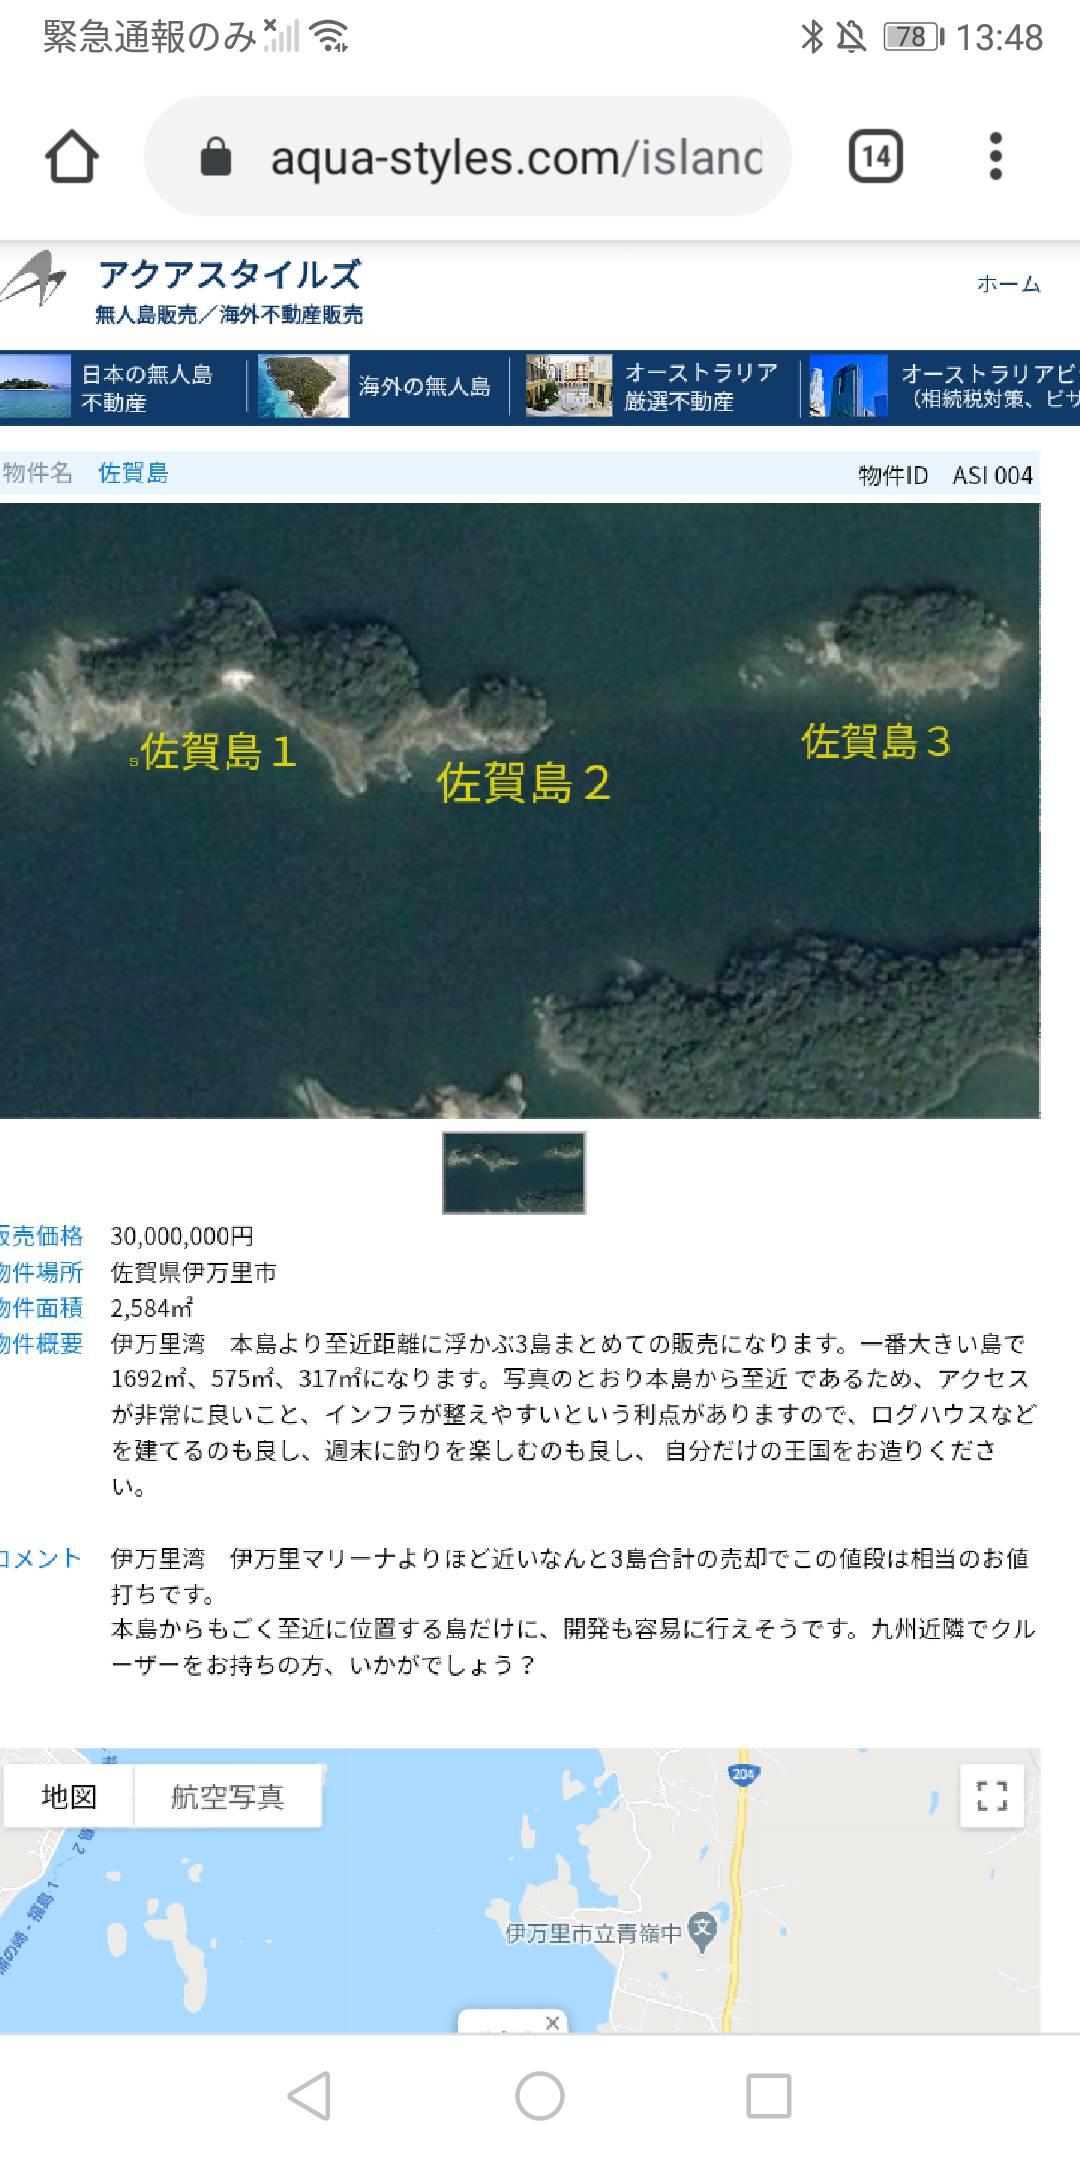 【ロマサガRS】運営さんにこのサガ島買ってもらってイベントしてほしい